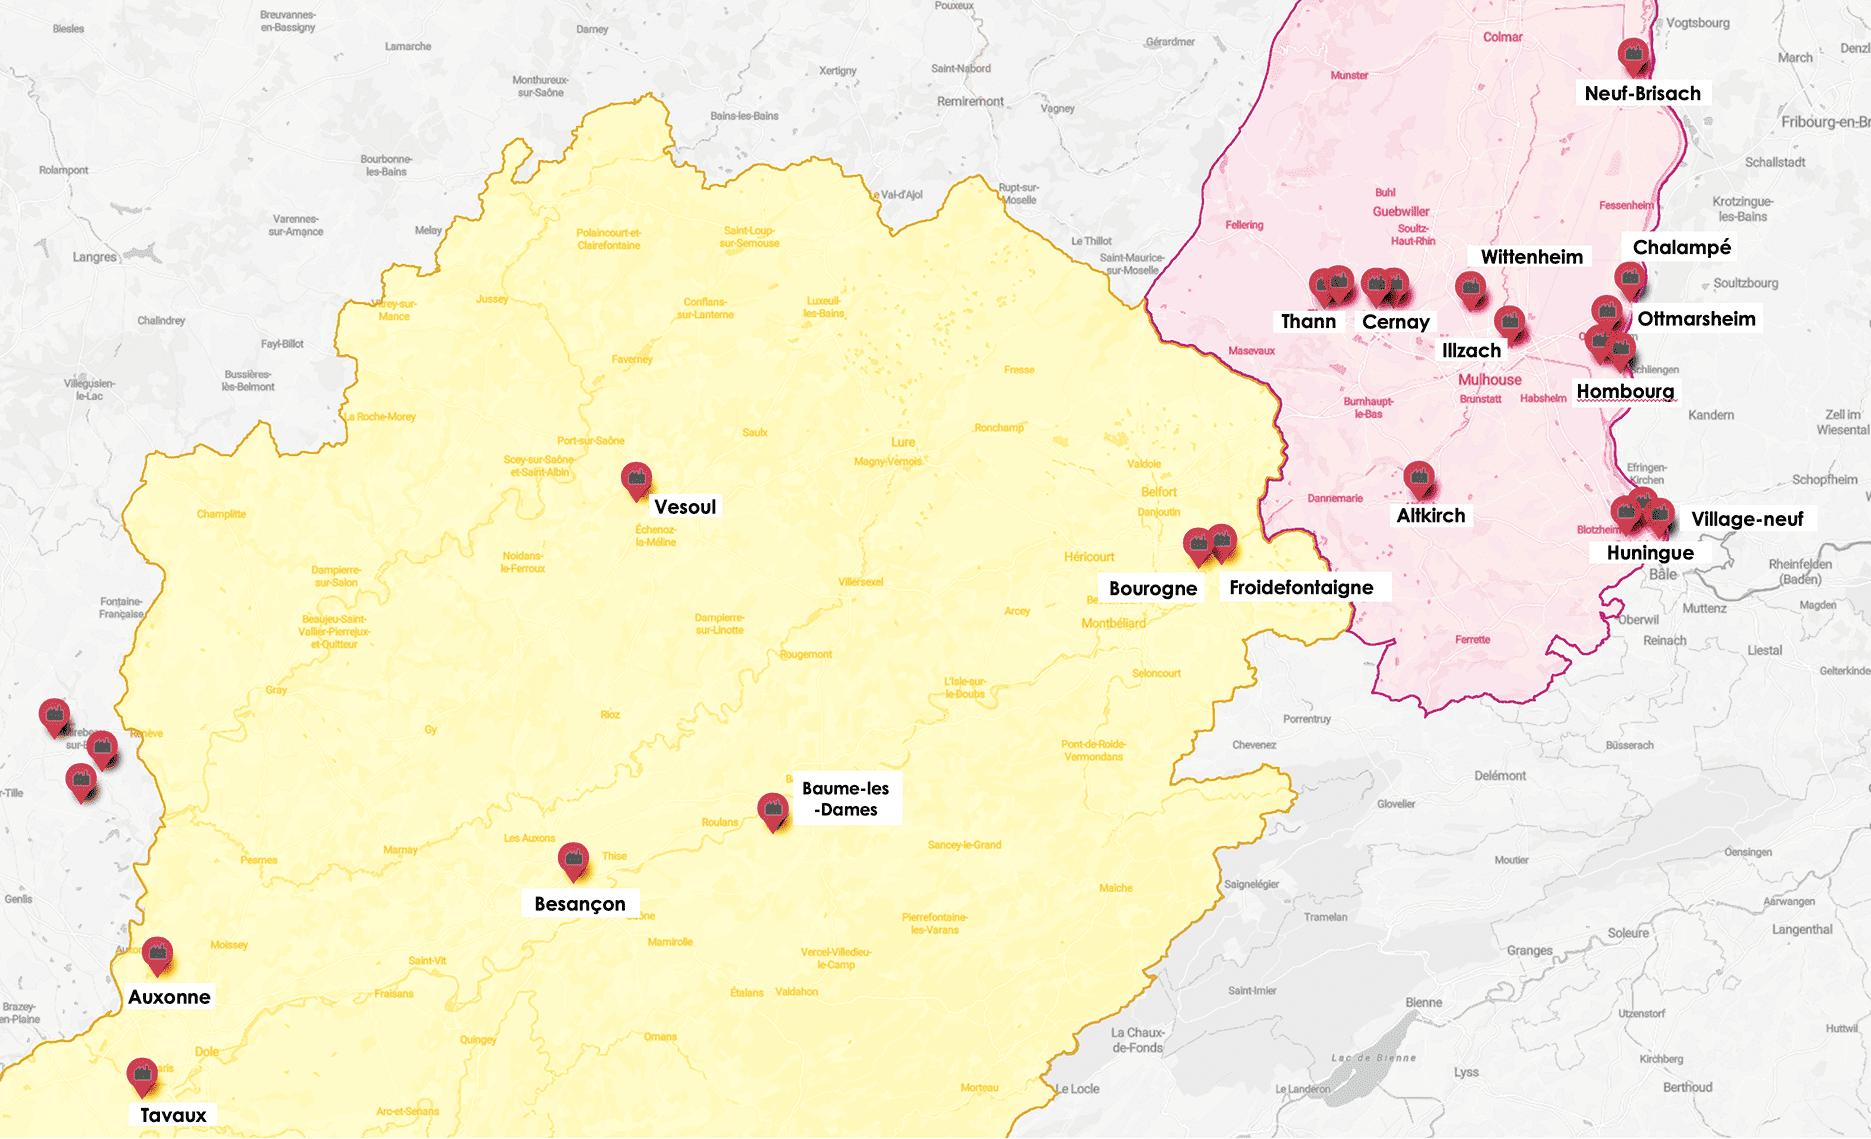 certe zones seveso risques des sites, rouens - Alsace - besançon- belfort - conseils ommobilier